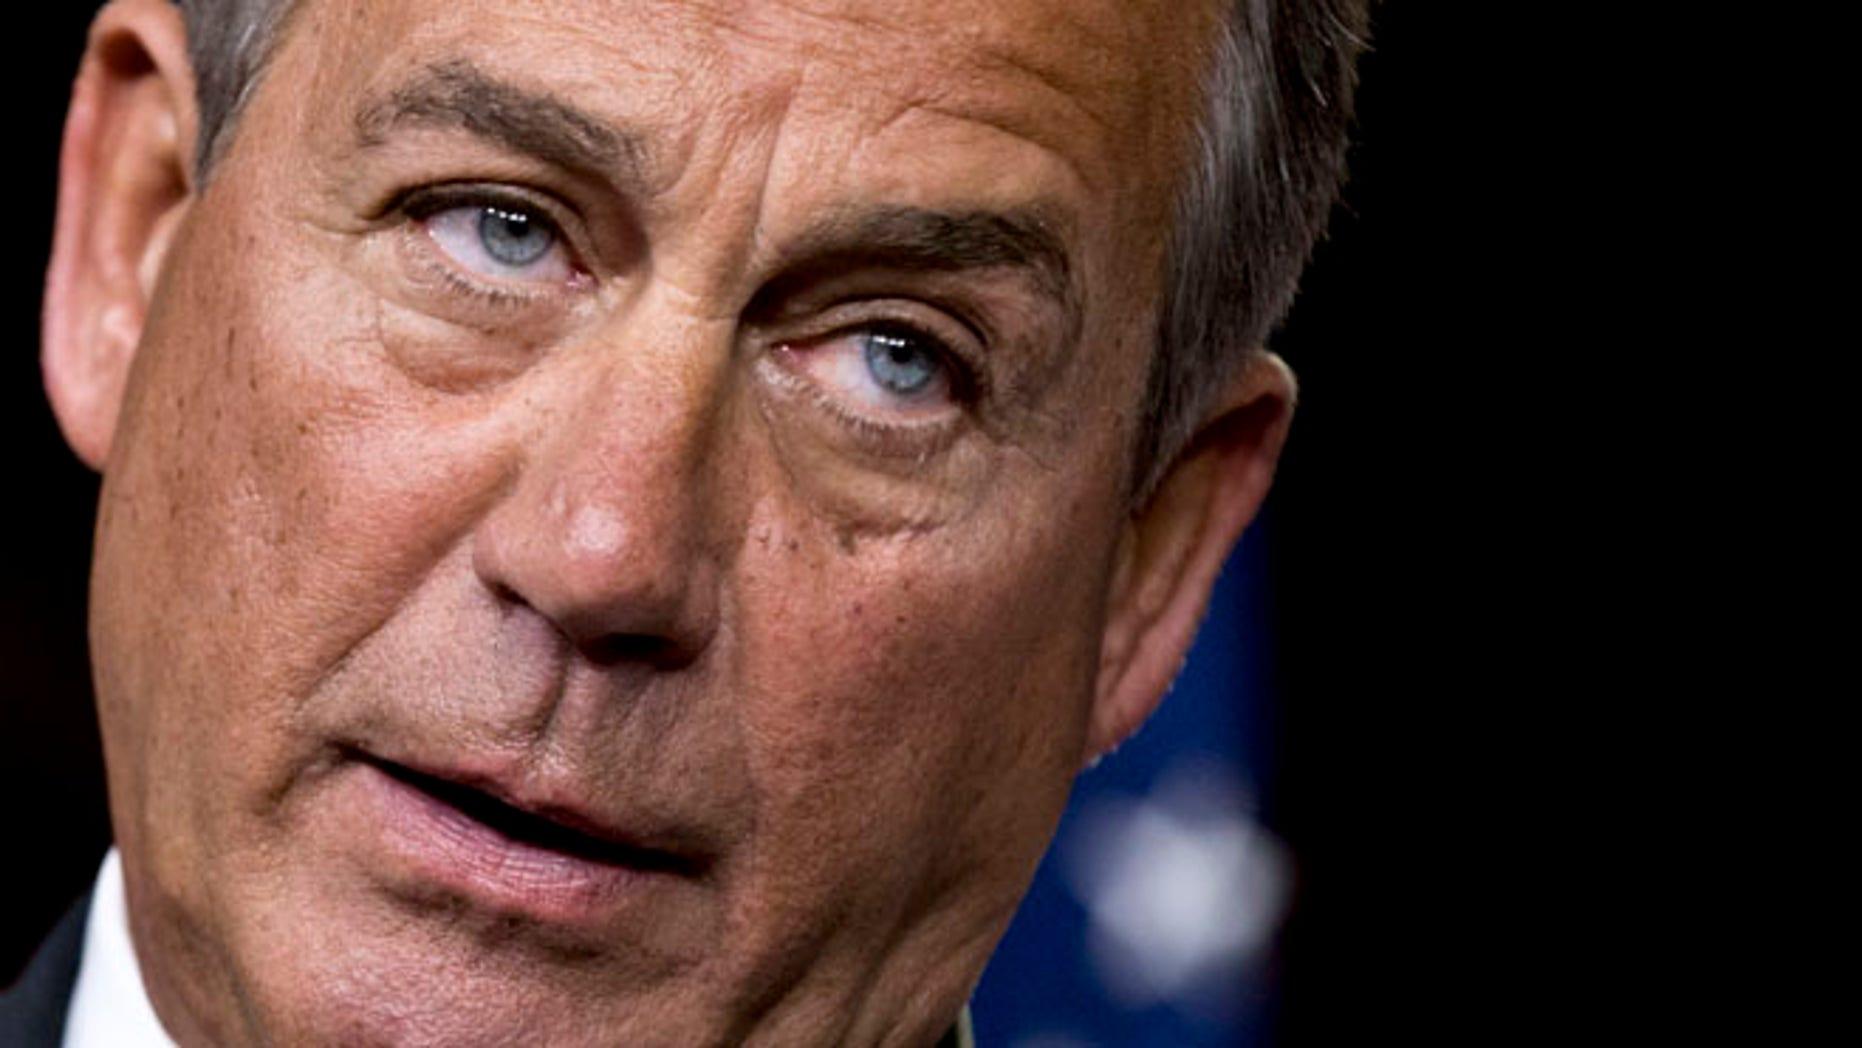 Nov. 29, 2012: House Speaker John Boehner speaks to reporters on Capitol Hill in Washington.